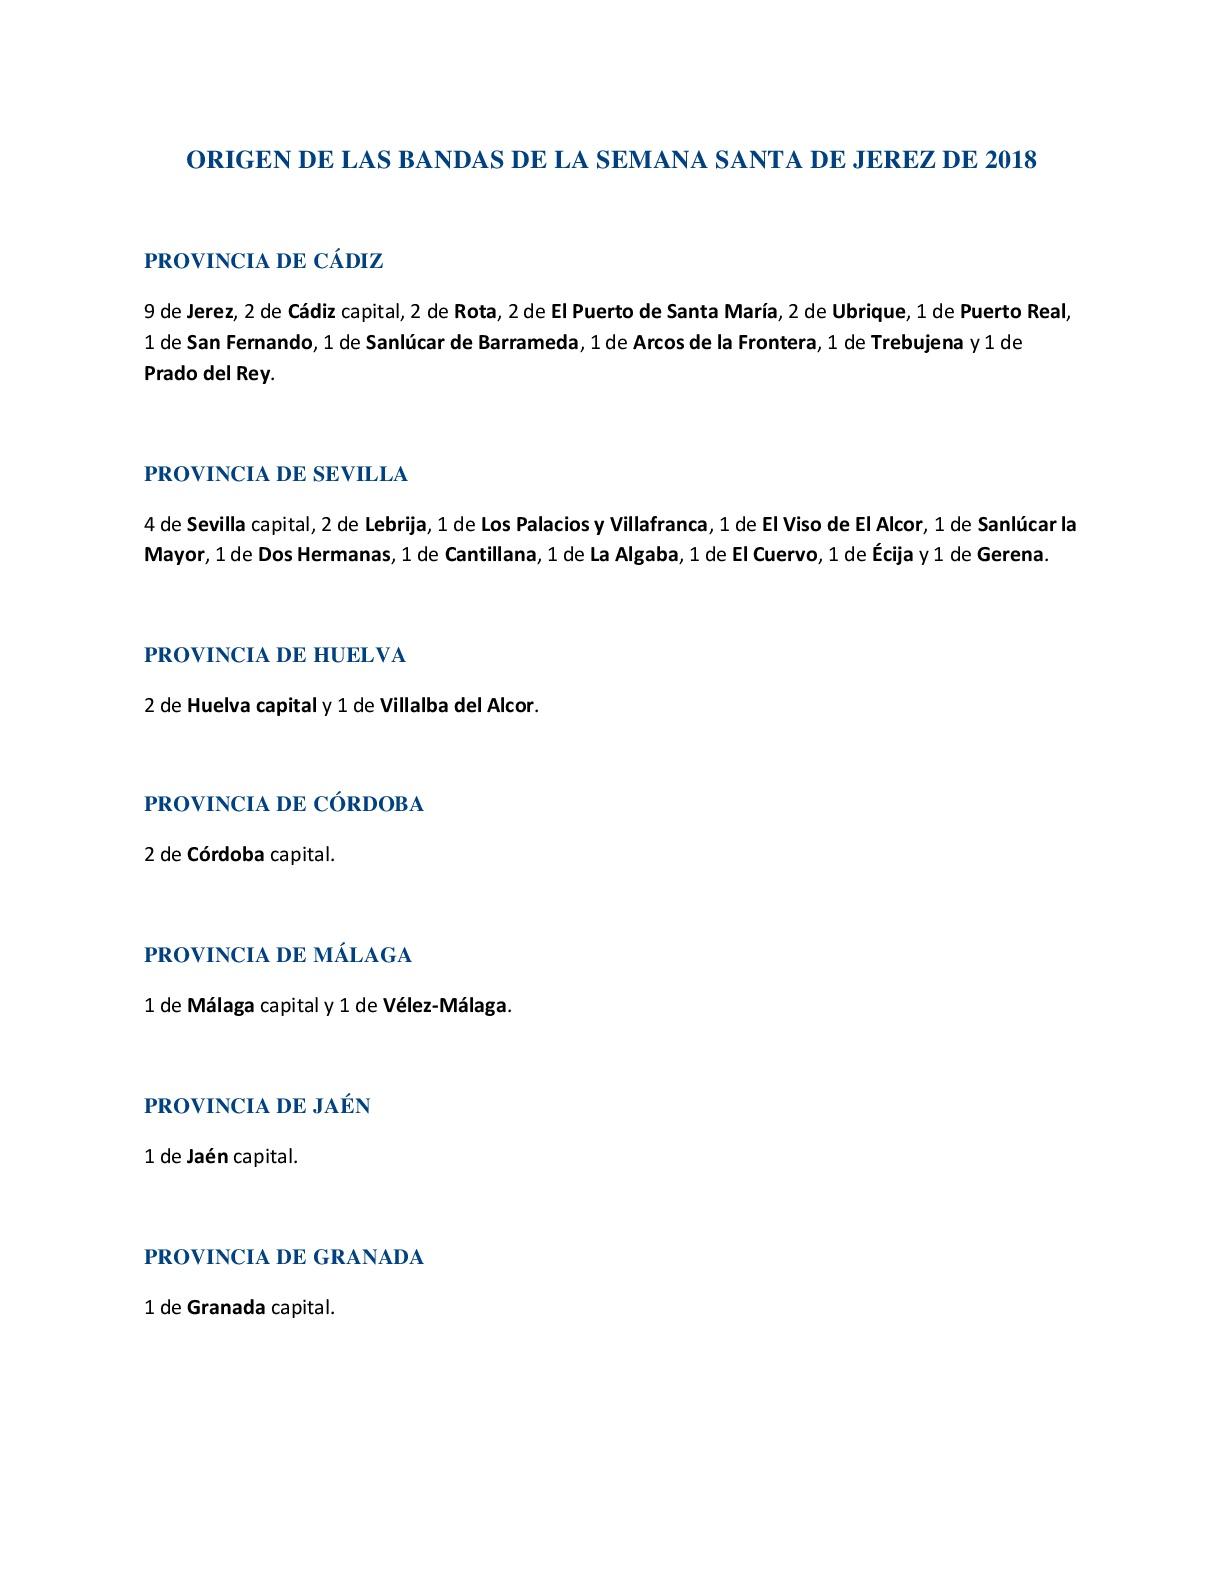 bandas según provincia-001